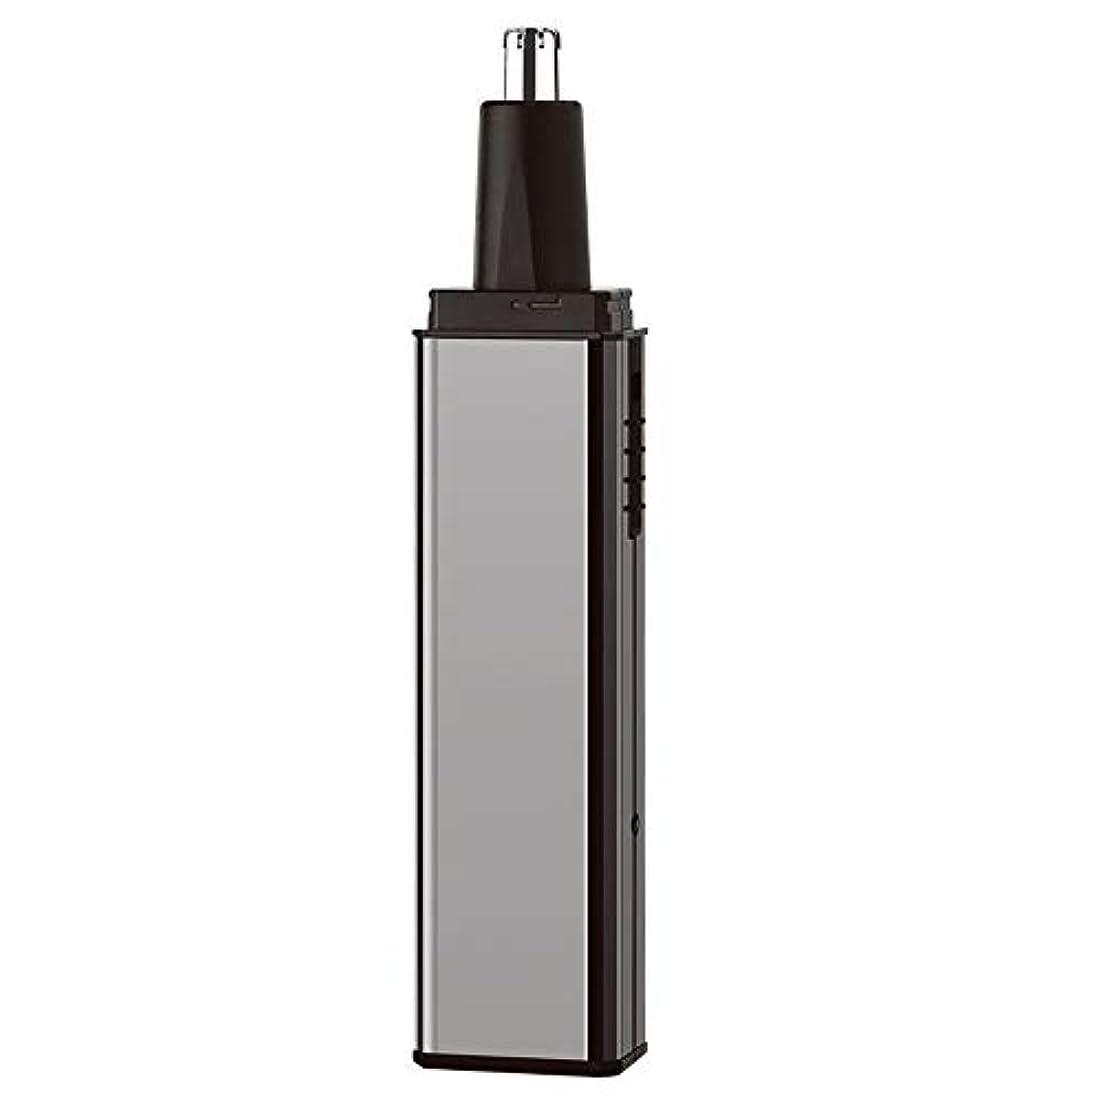 かわすキャベツくしゃくしゃ鼻毛トリマー-多機能スーツフォーインワン/電気鼻毛トリマー/ステンレススチール/多機能/ 13.5 * 2.7cm 持つ価値があります